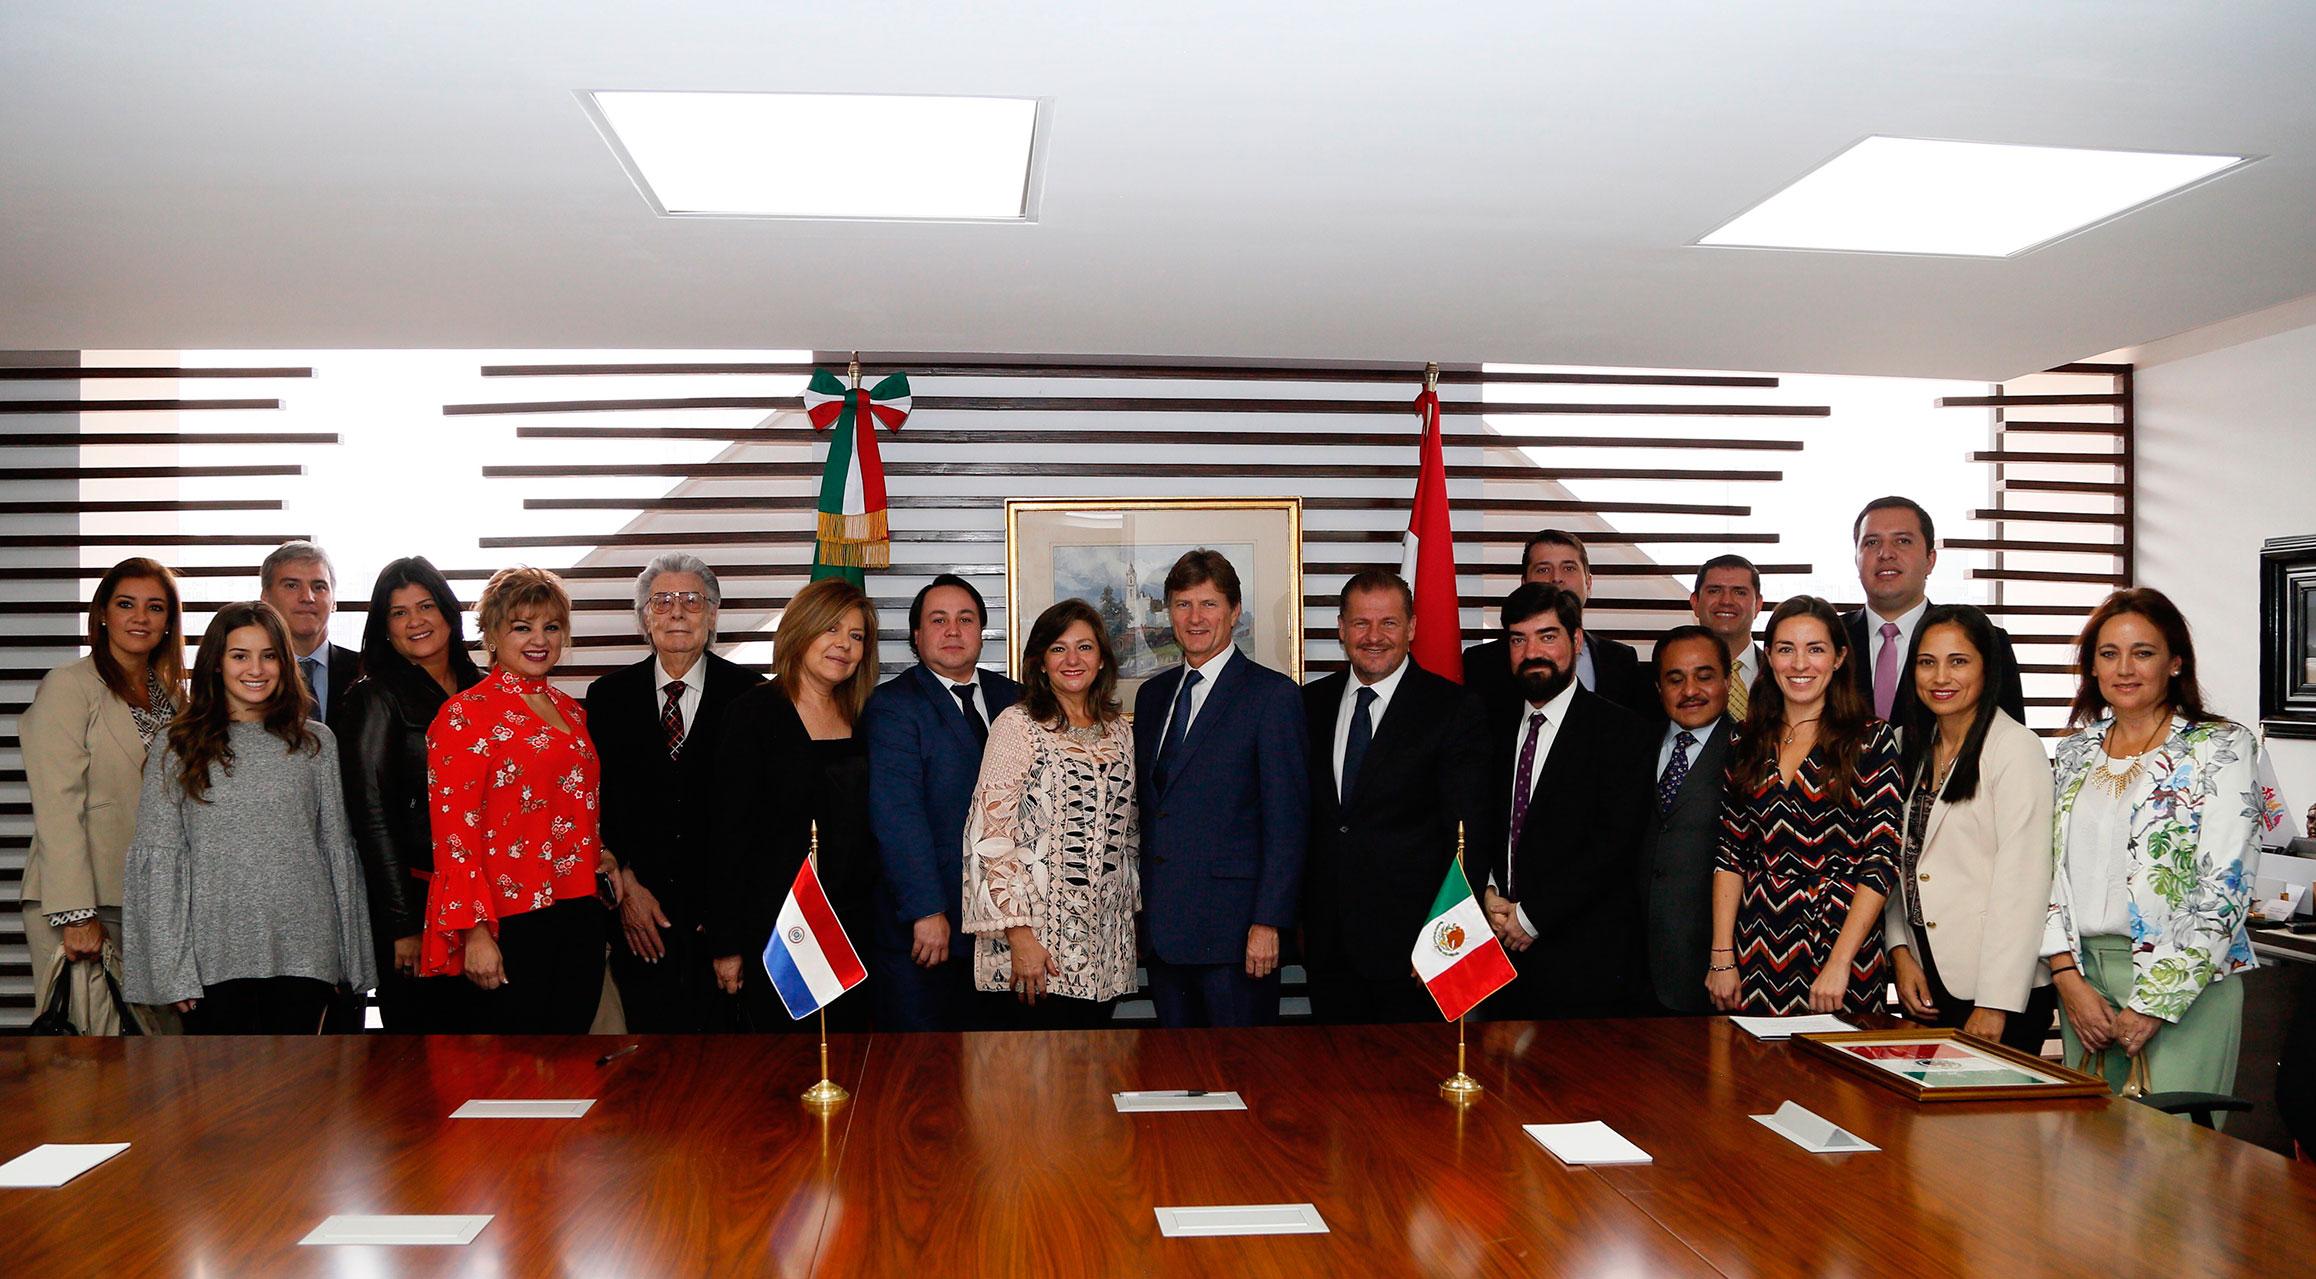 La ministra de Turismo de Paraguay, Marcela Bacigalupo, se reunió con el secretario de Turismo de México, Enrique de la Madrid